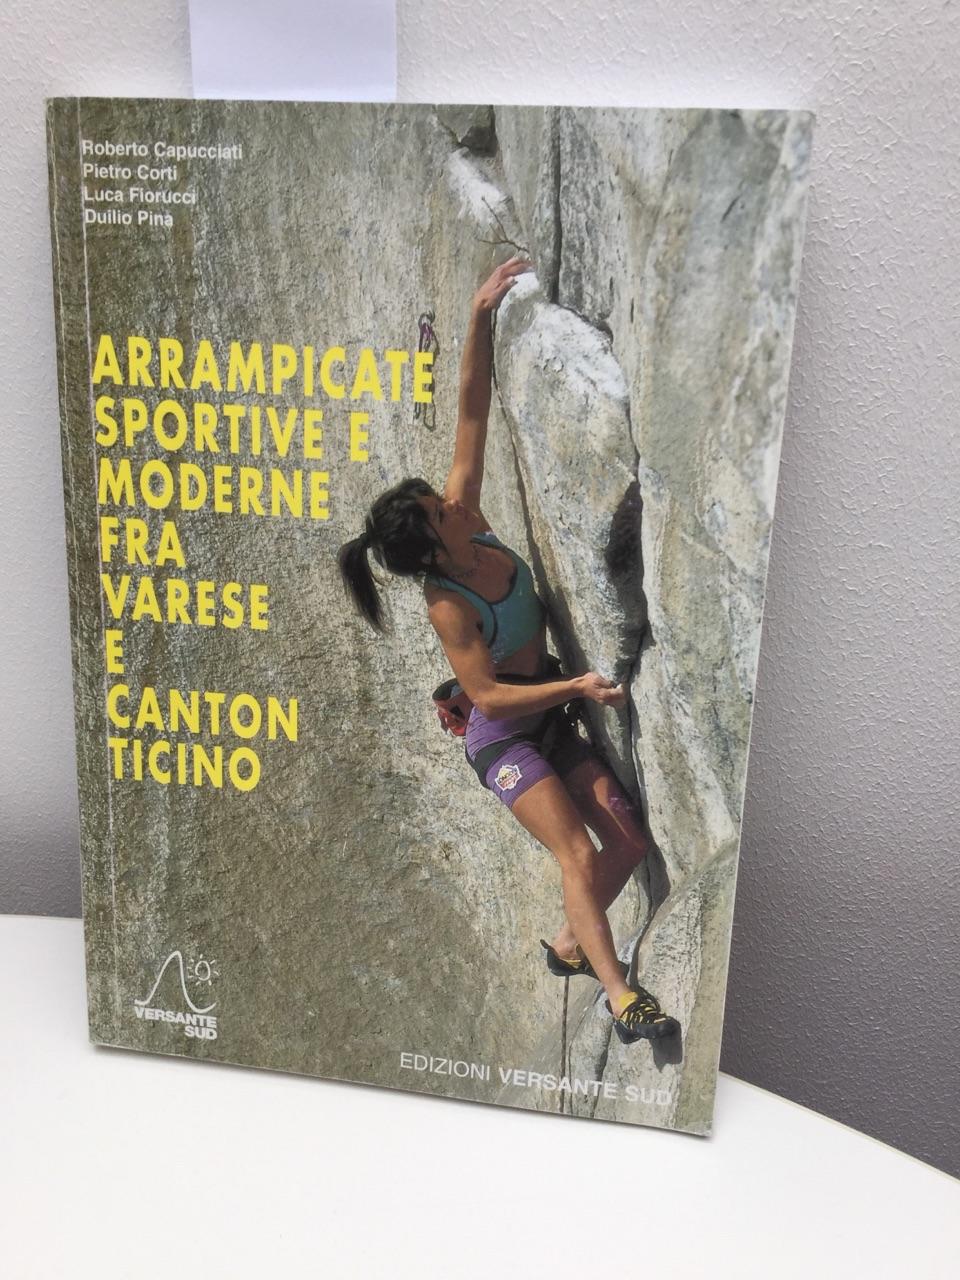 Arrampicate Sportive e Moderne fra Varese E Canton Ticino.